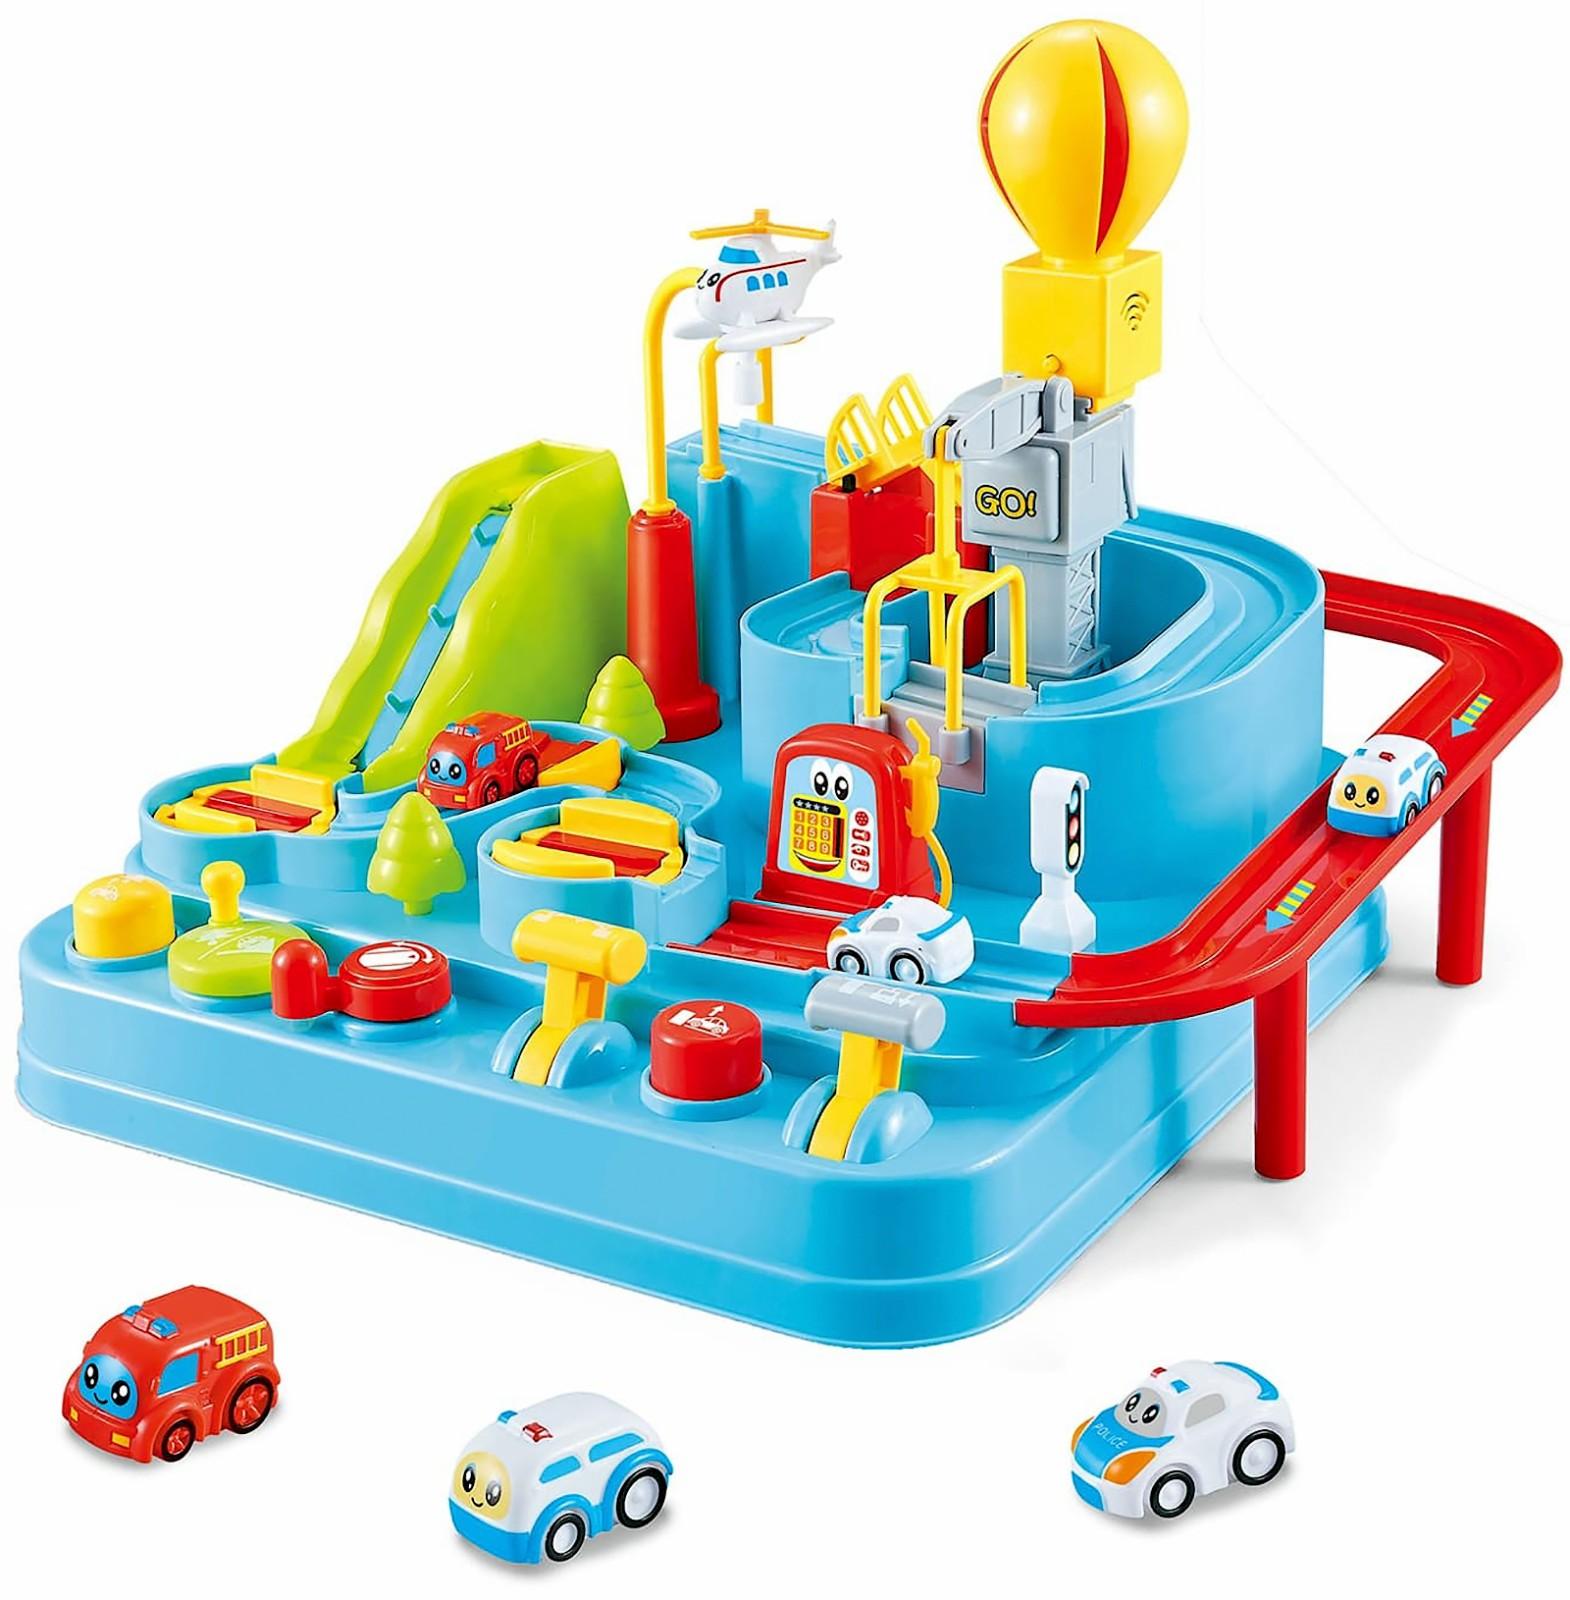 Детский инерционный трек-головоломка «Отряд спасения / Rescue Go City» 9998 с машинками и вертолетом